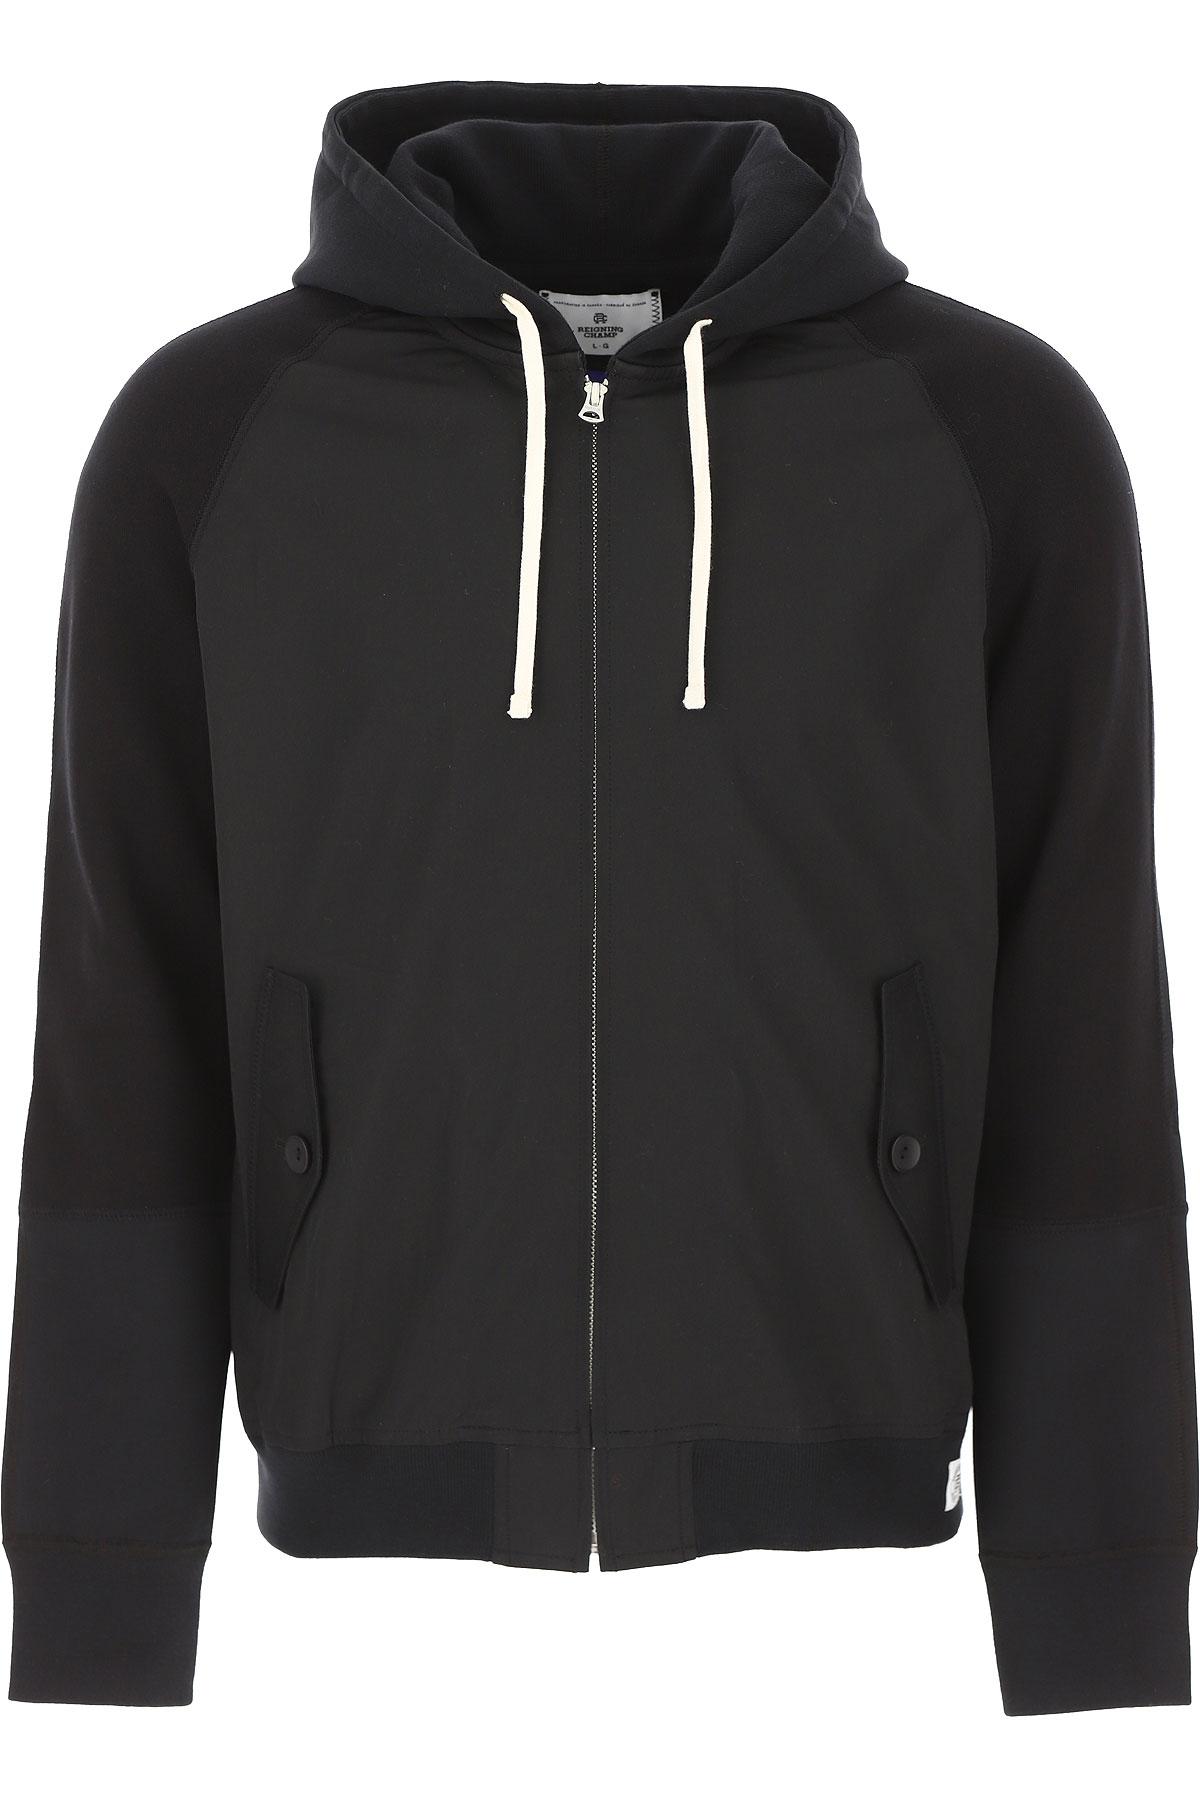 Comme des Garcons Jacket for Men On Sale, Black, Cotton, 2019, L M S XL